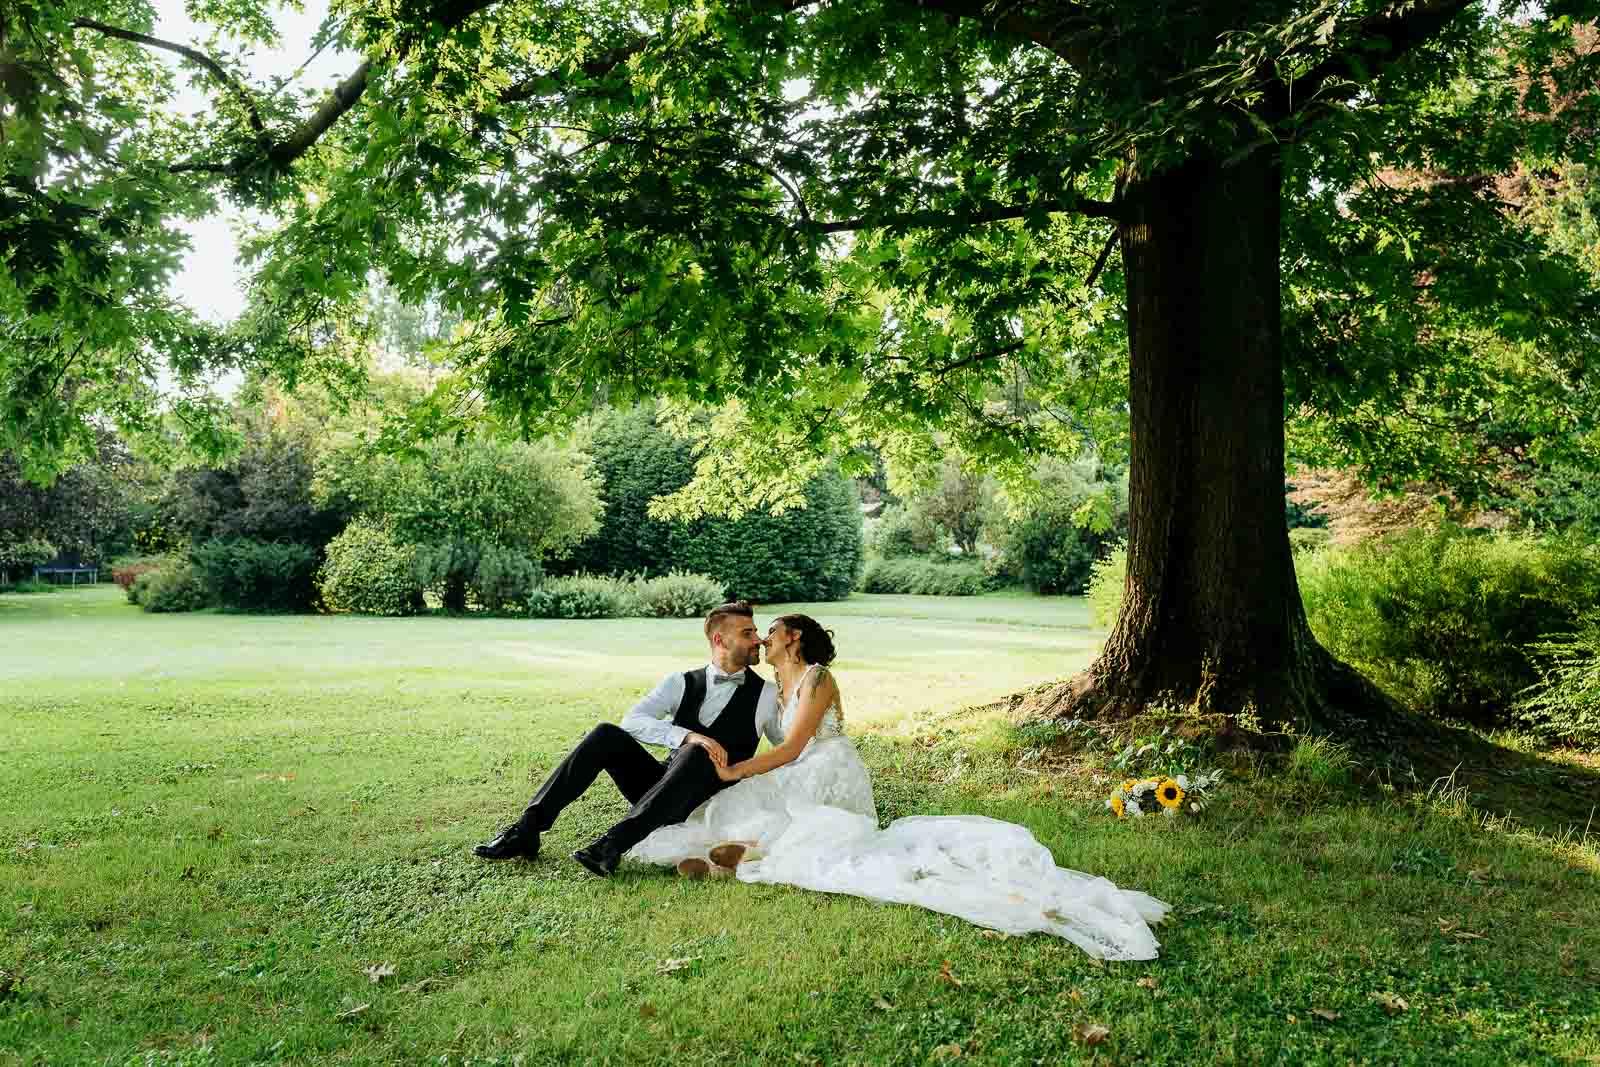 matrimonio brianza brugherio corte rustica oreno